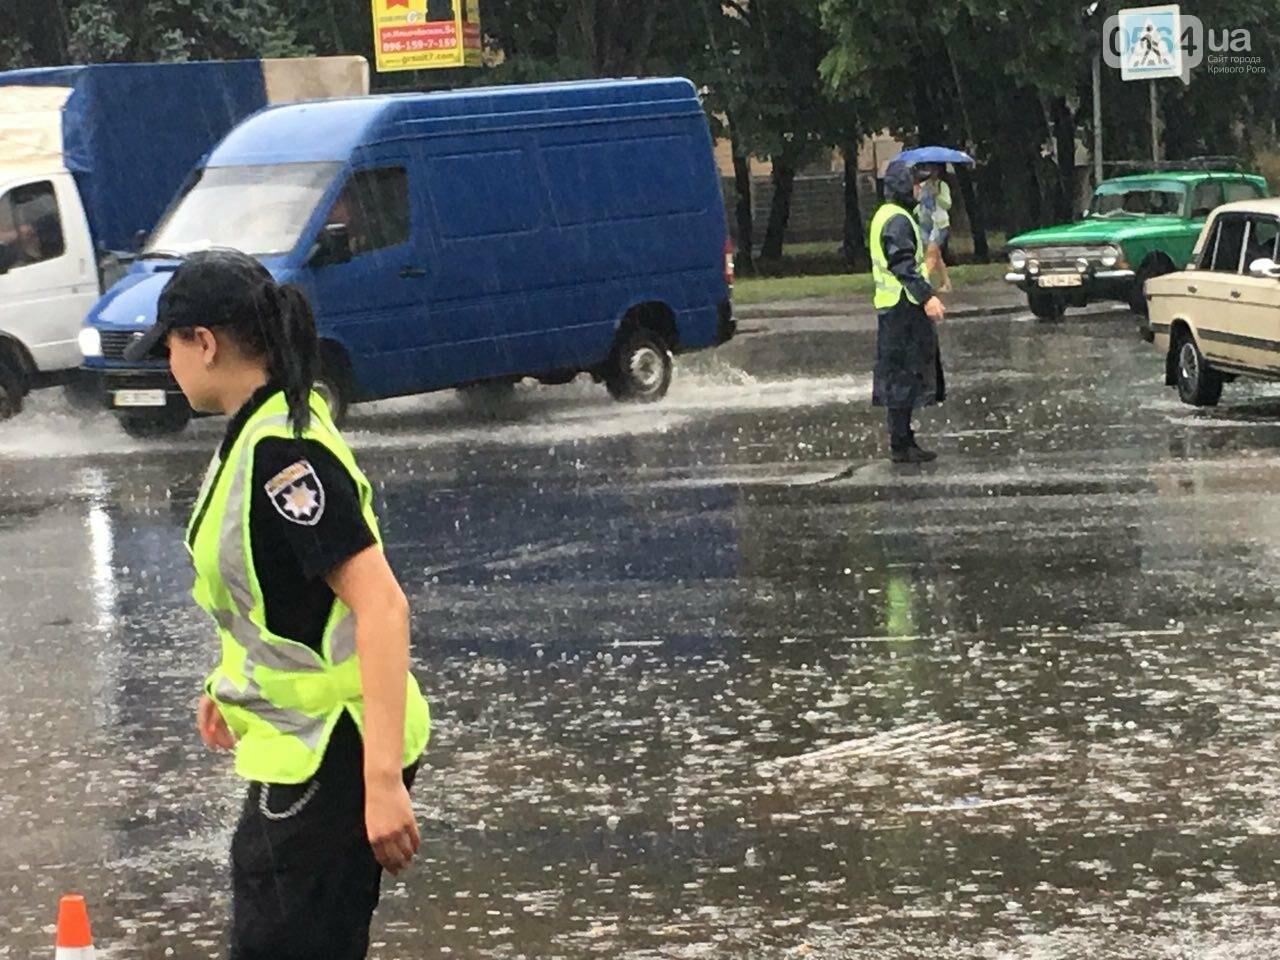 В Кривом Роге под дождем на перекрестке столкнулись иномарка и ВАЗ, - ФОТО, фото-14